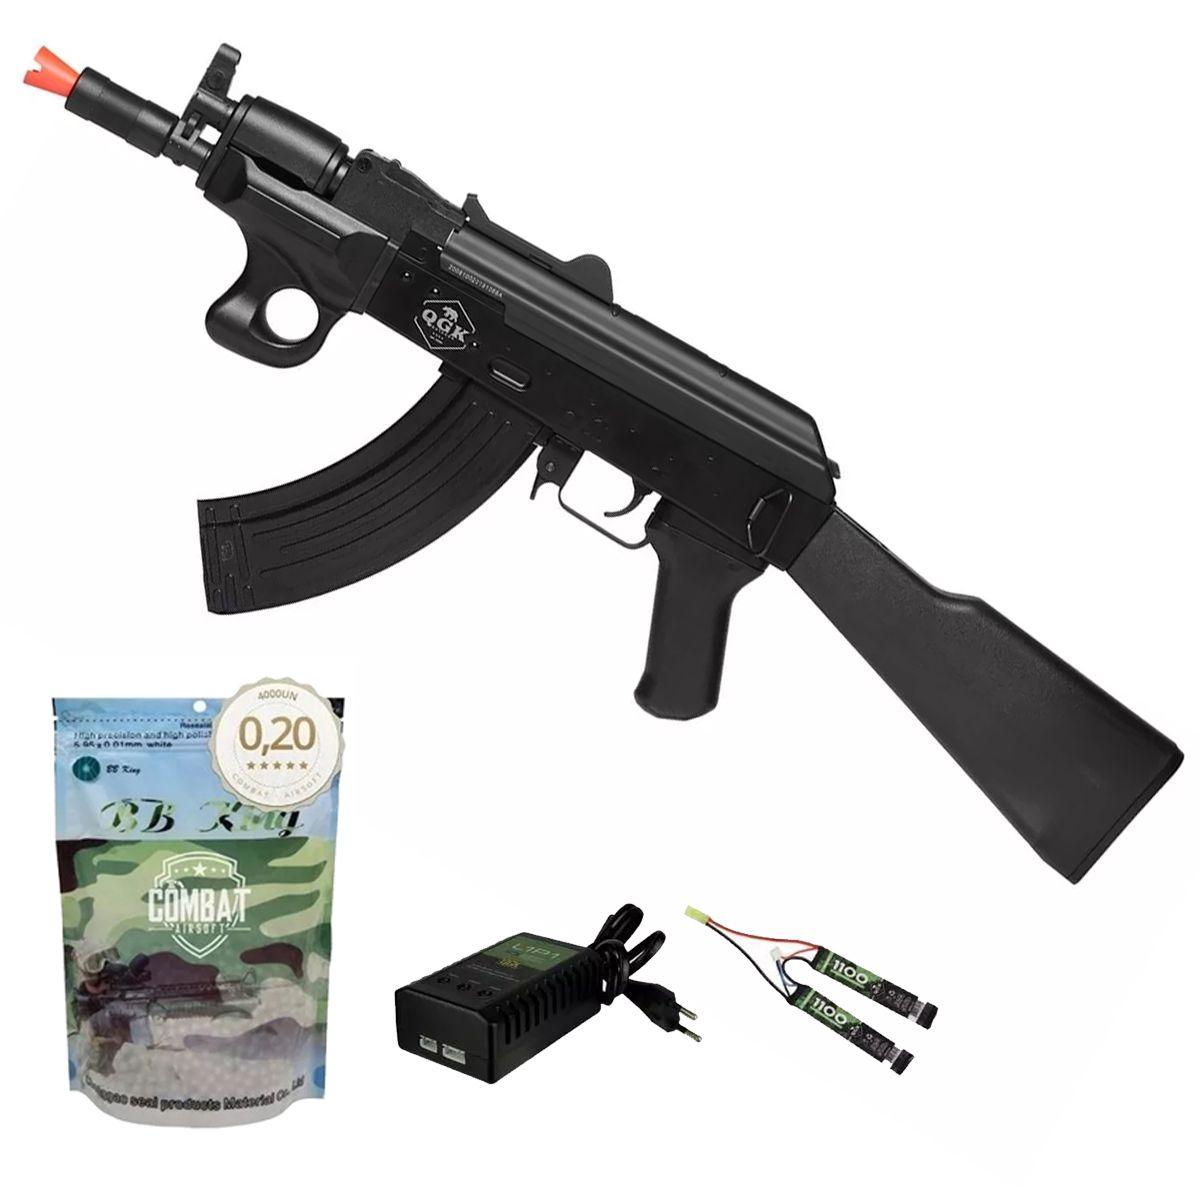 Rifle De Airsoft Elétrico Ak47 Alfa Qgk Aeg Bivolt + 4000 BBs 0,20g